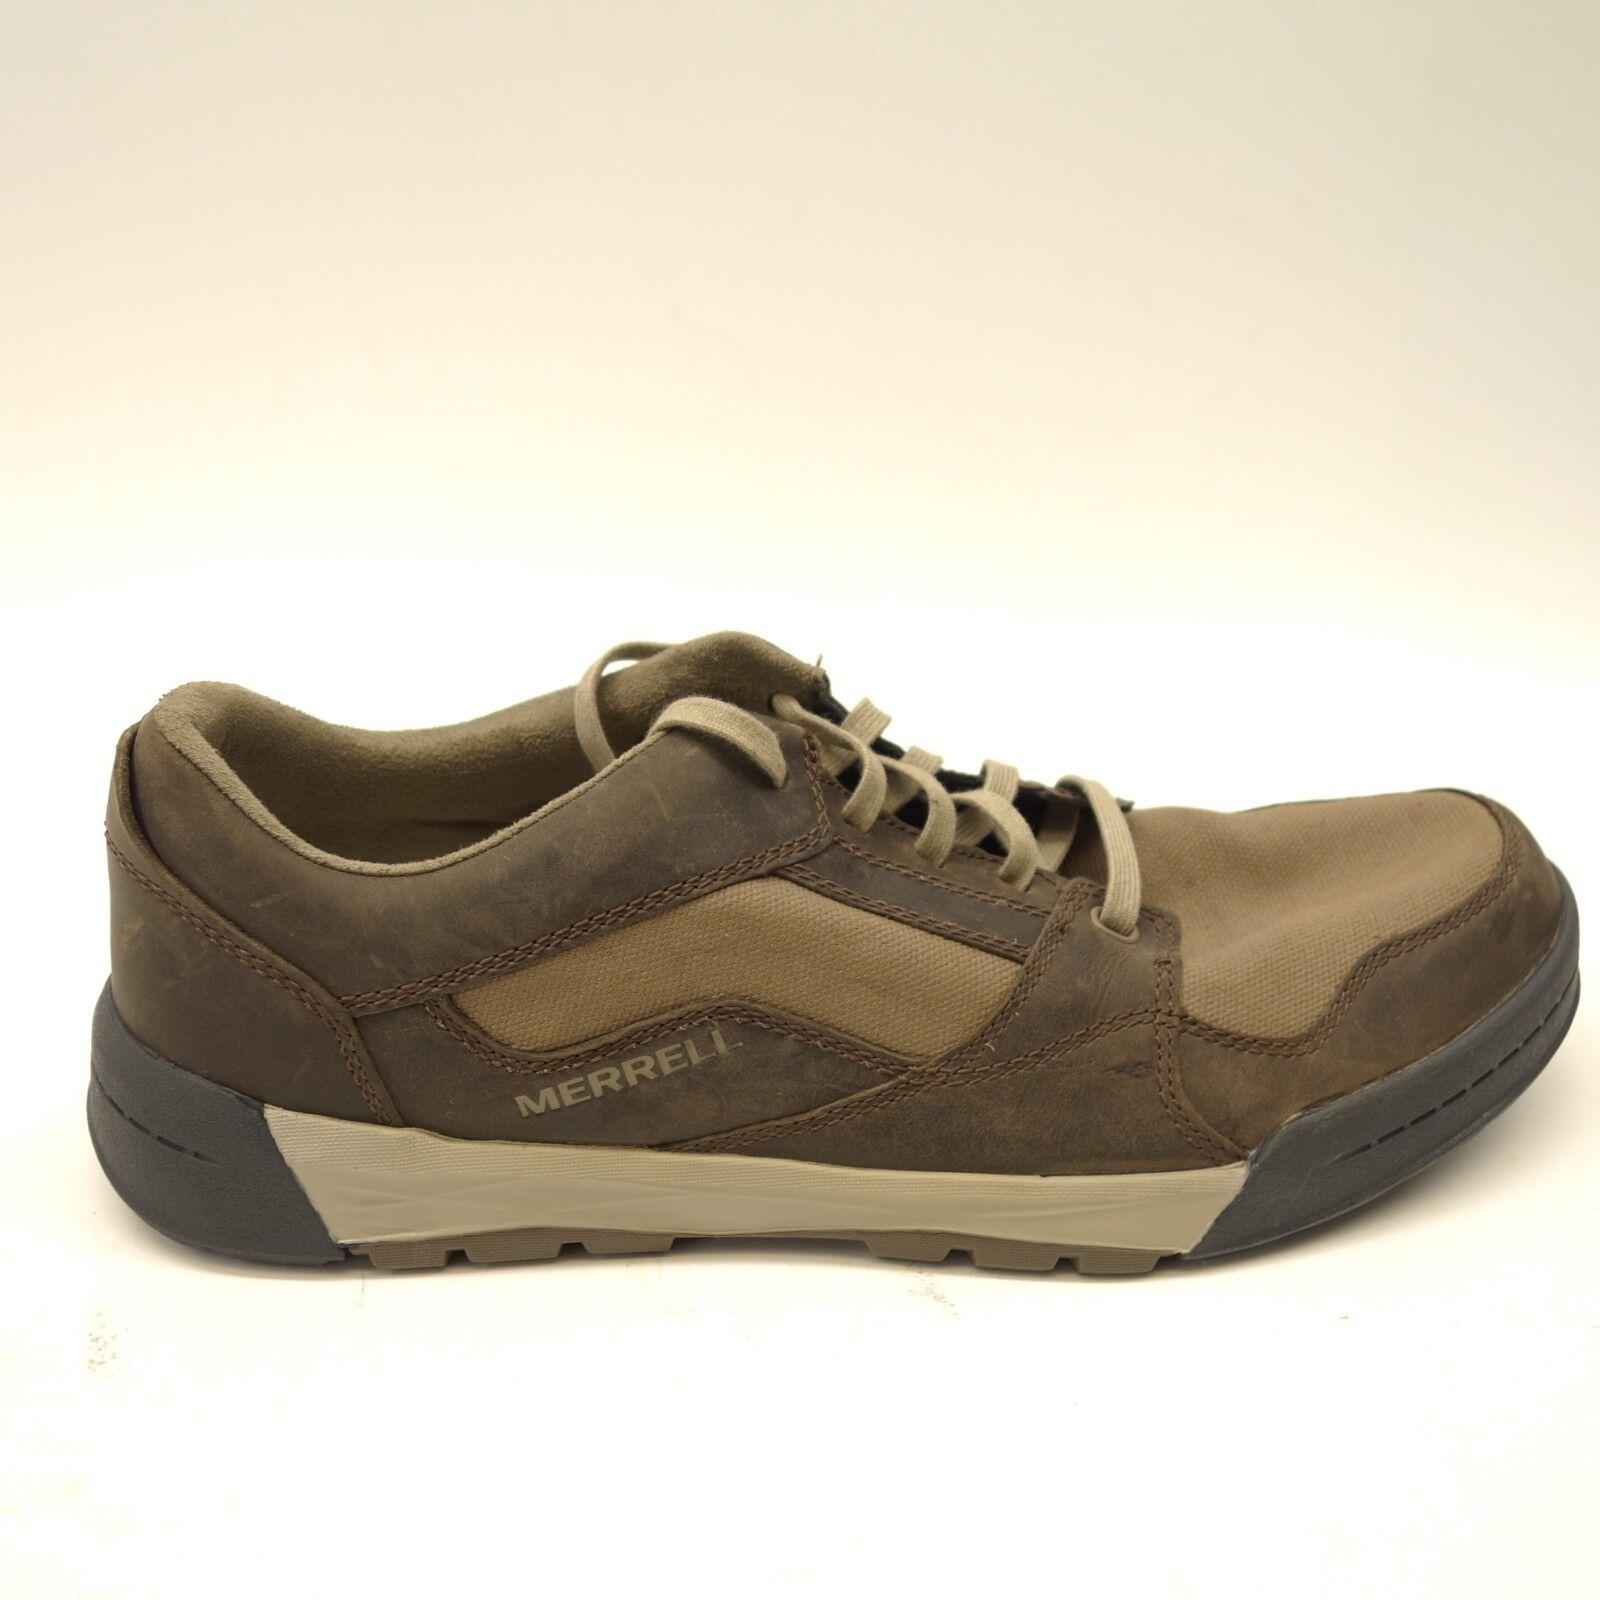 Merrell Hombre Berner Shift Encaje Cuero Deportivo Senderismo zapatos Us 12 Eu